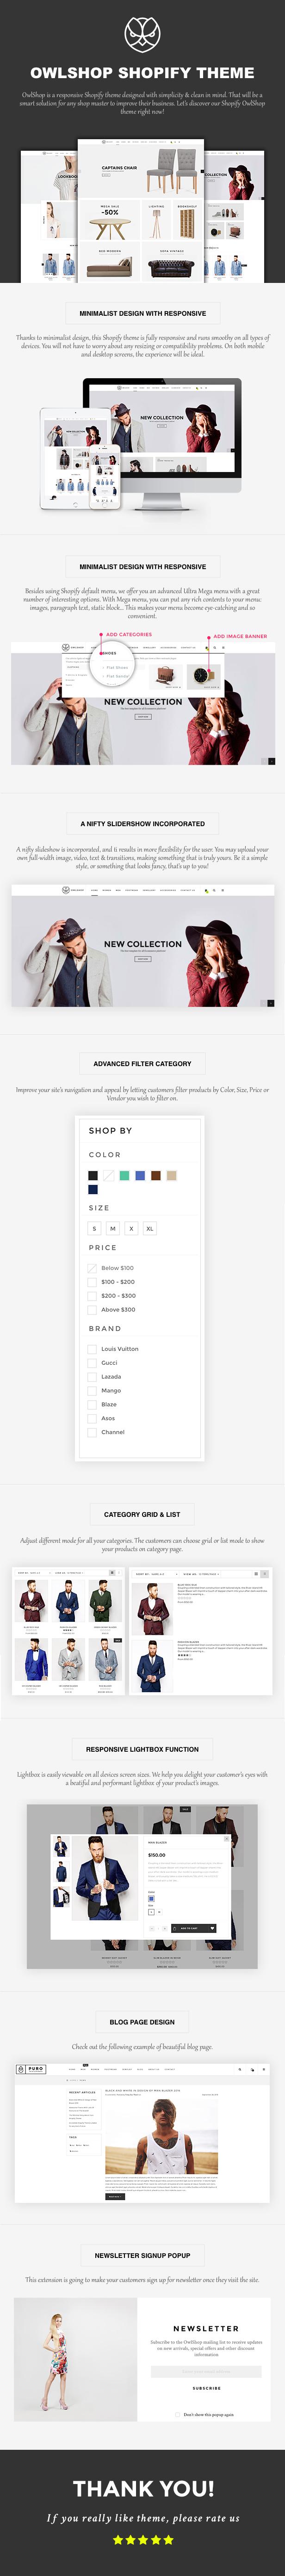 Owlshop - Minimalist Ecommerce Shopify Theme - 1